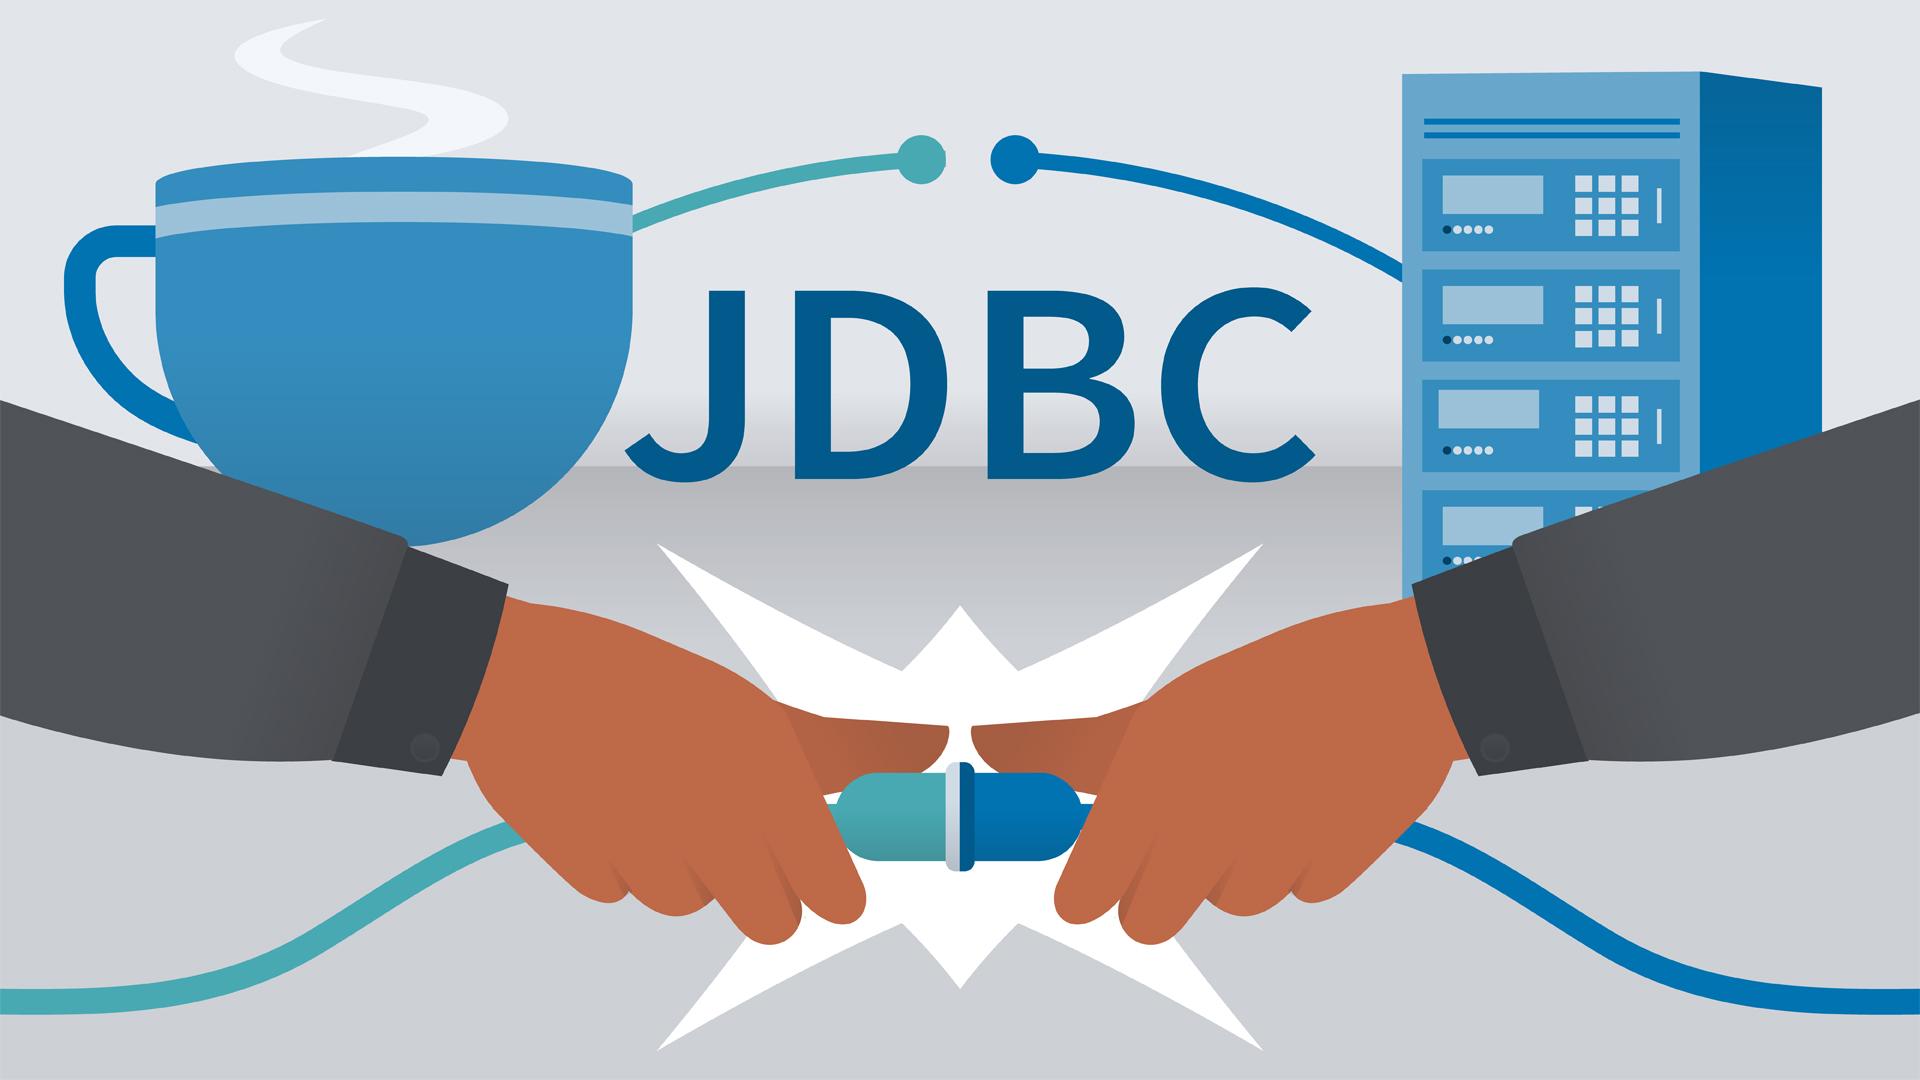 آموزش JDBC